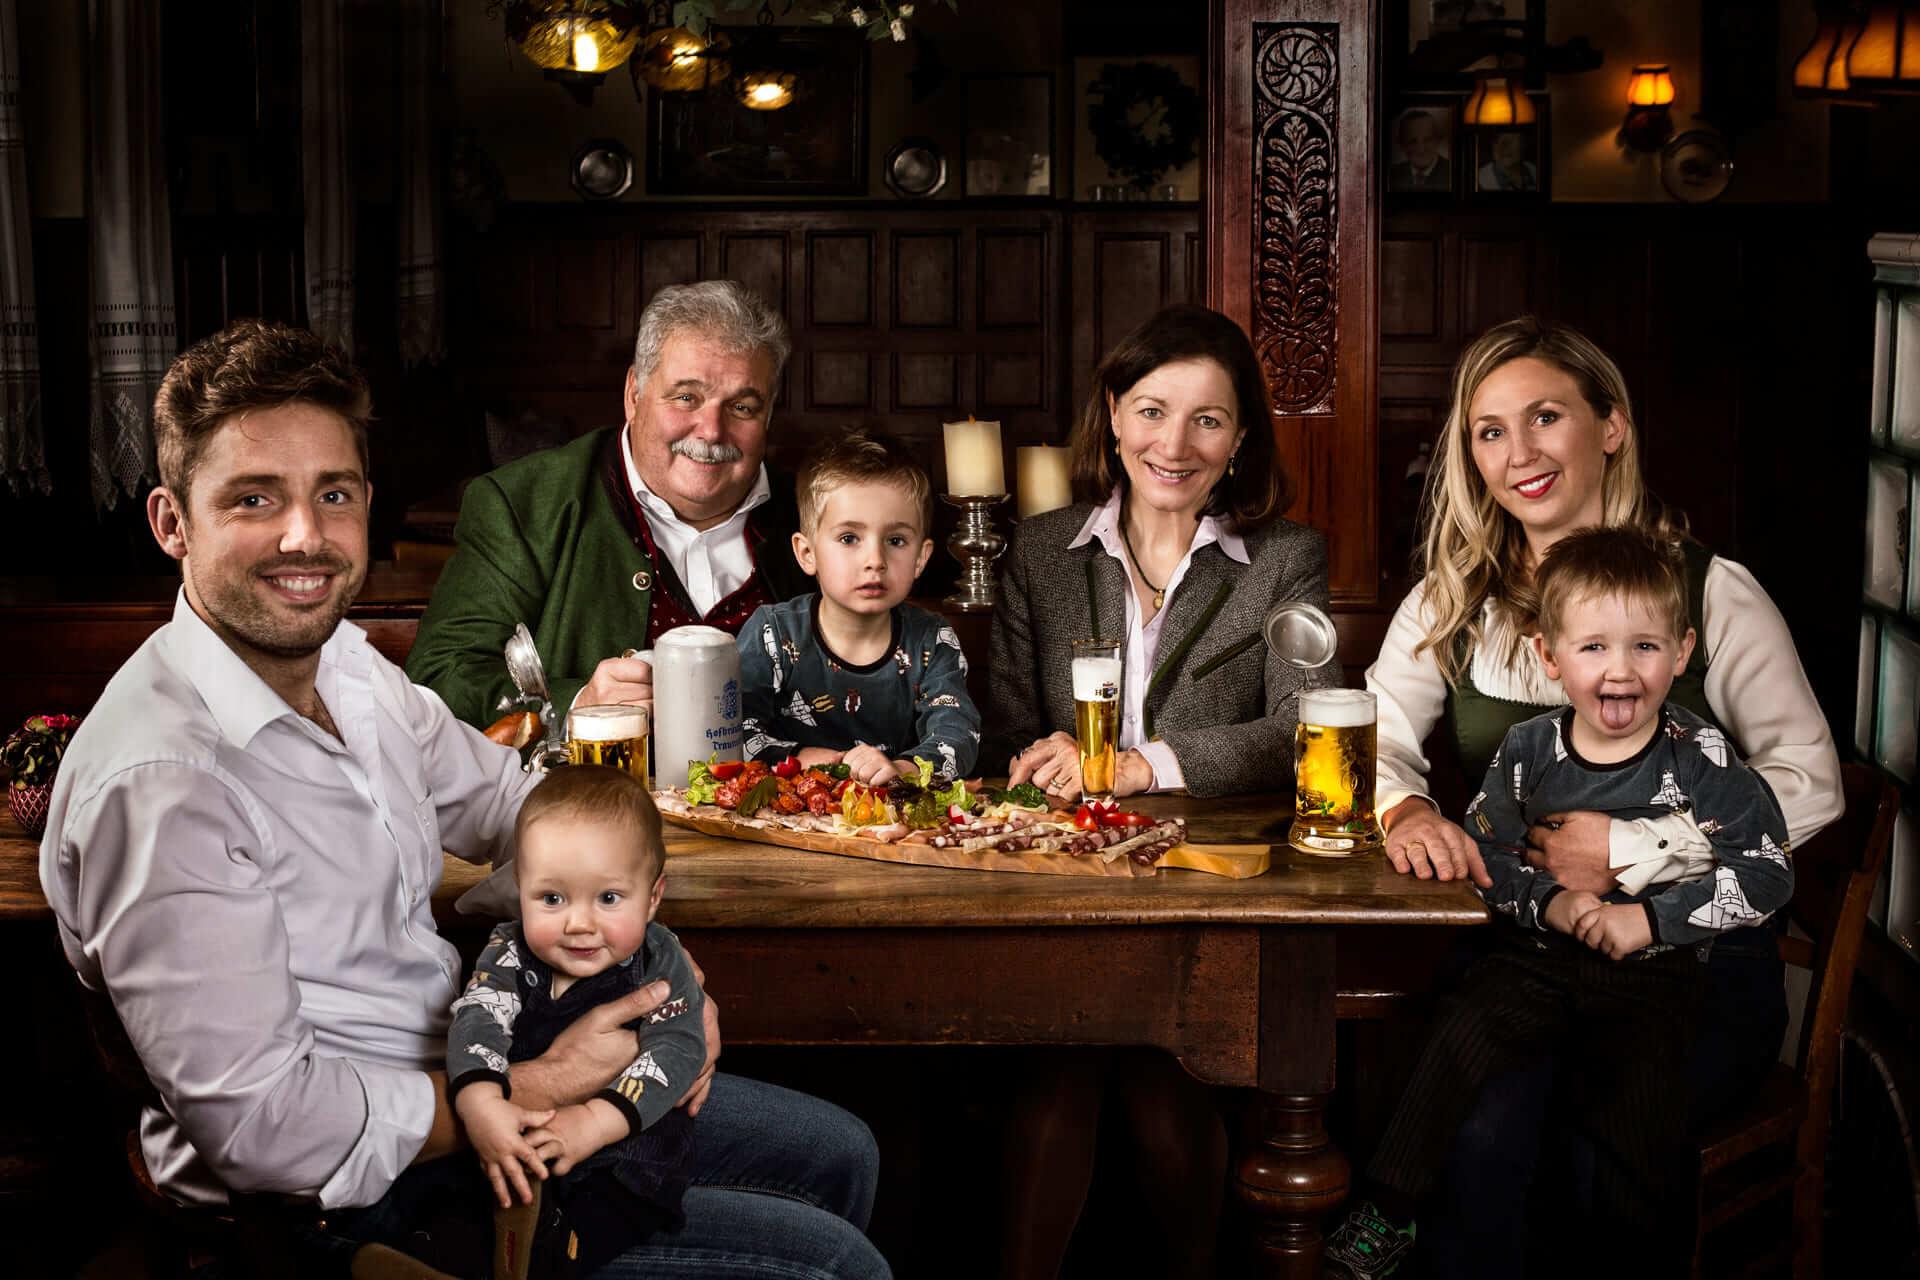 HB_Traunstein_Familienbild_Kammer_Lorenz_Zunge